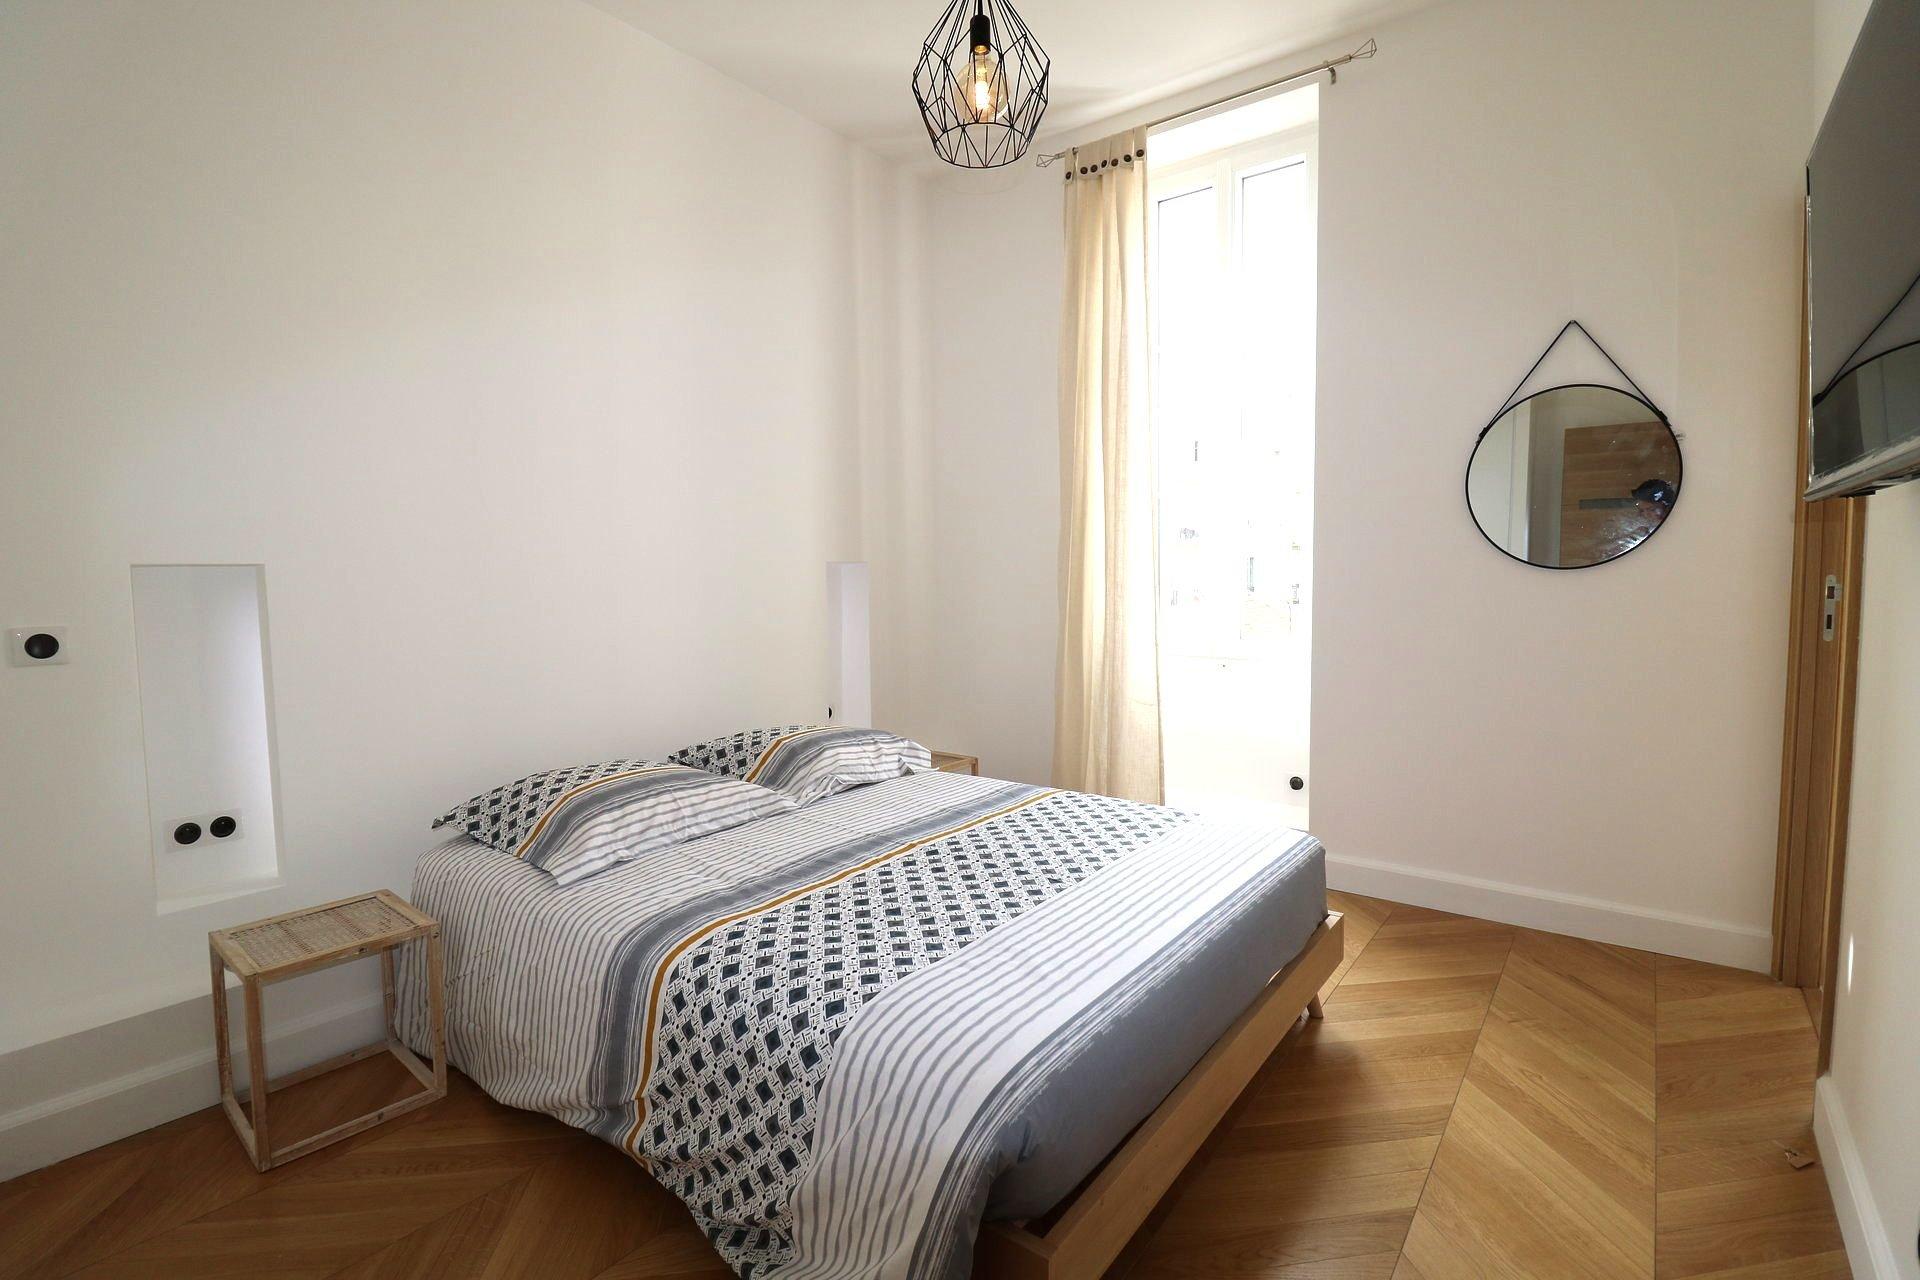 HOTEL DES POSTES - 3 pièces rénové, balcon